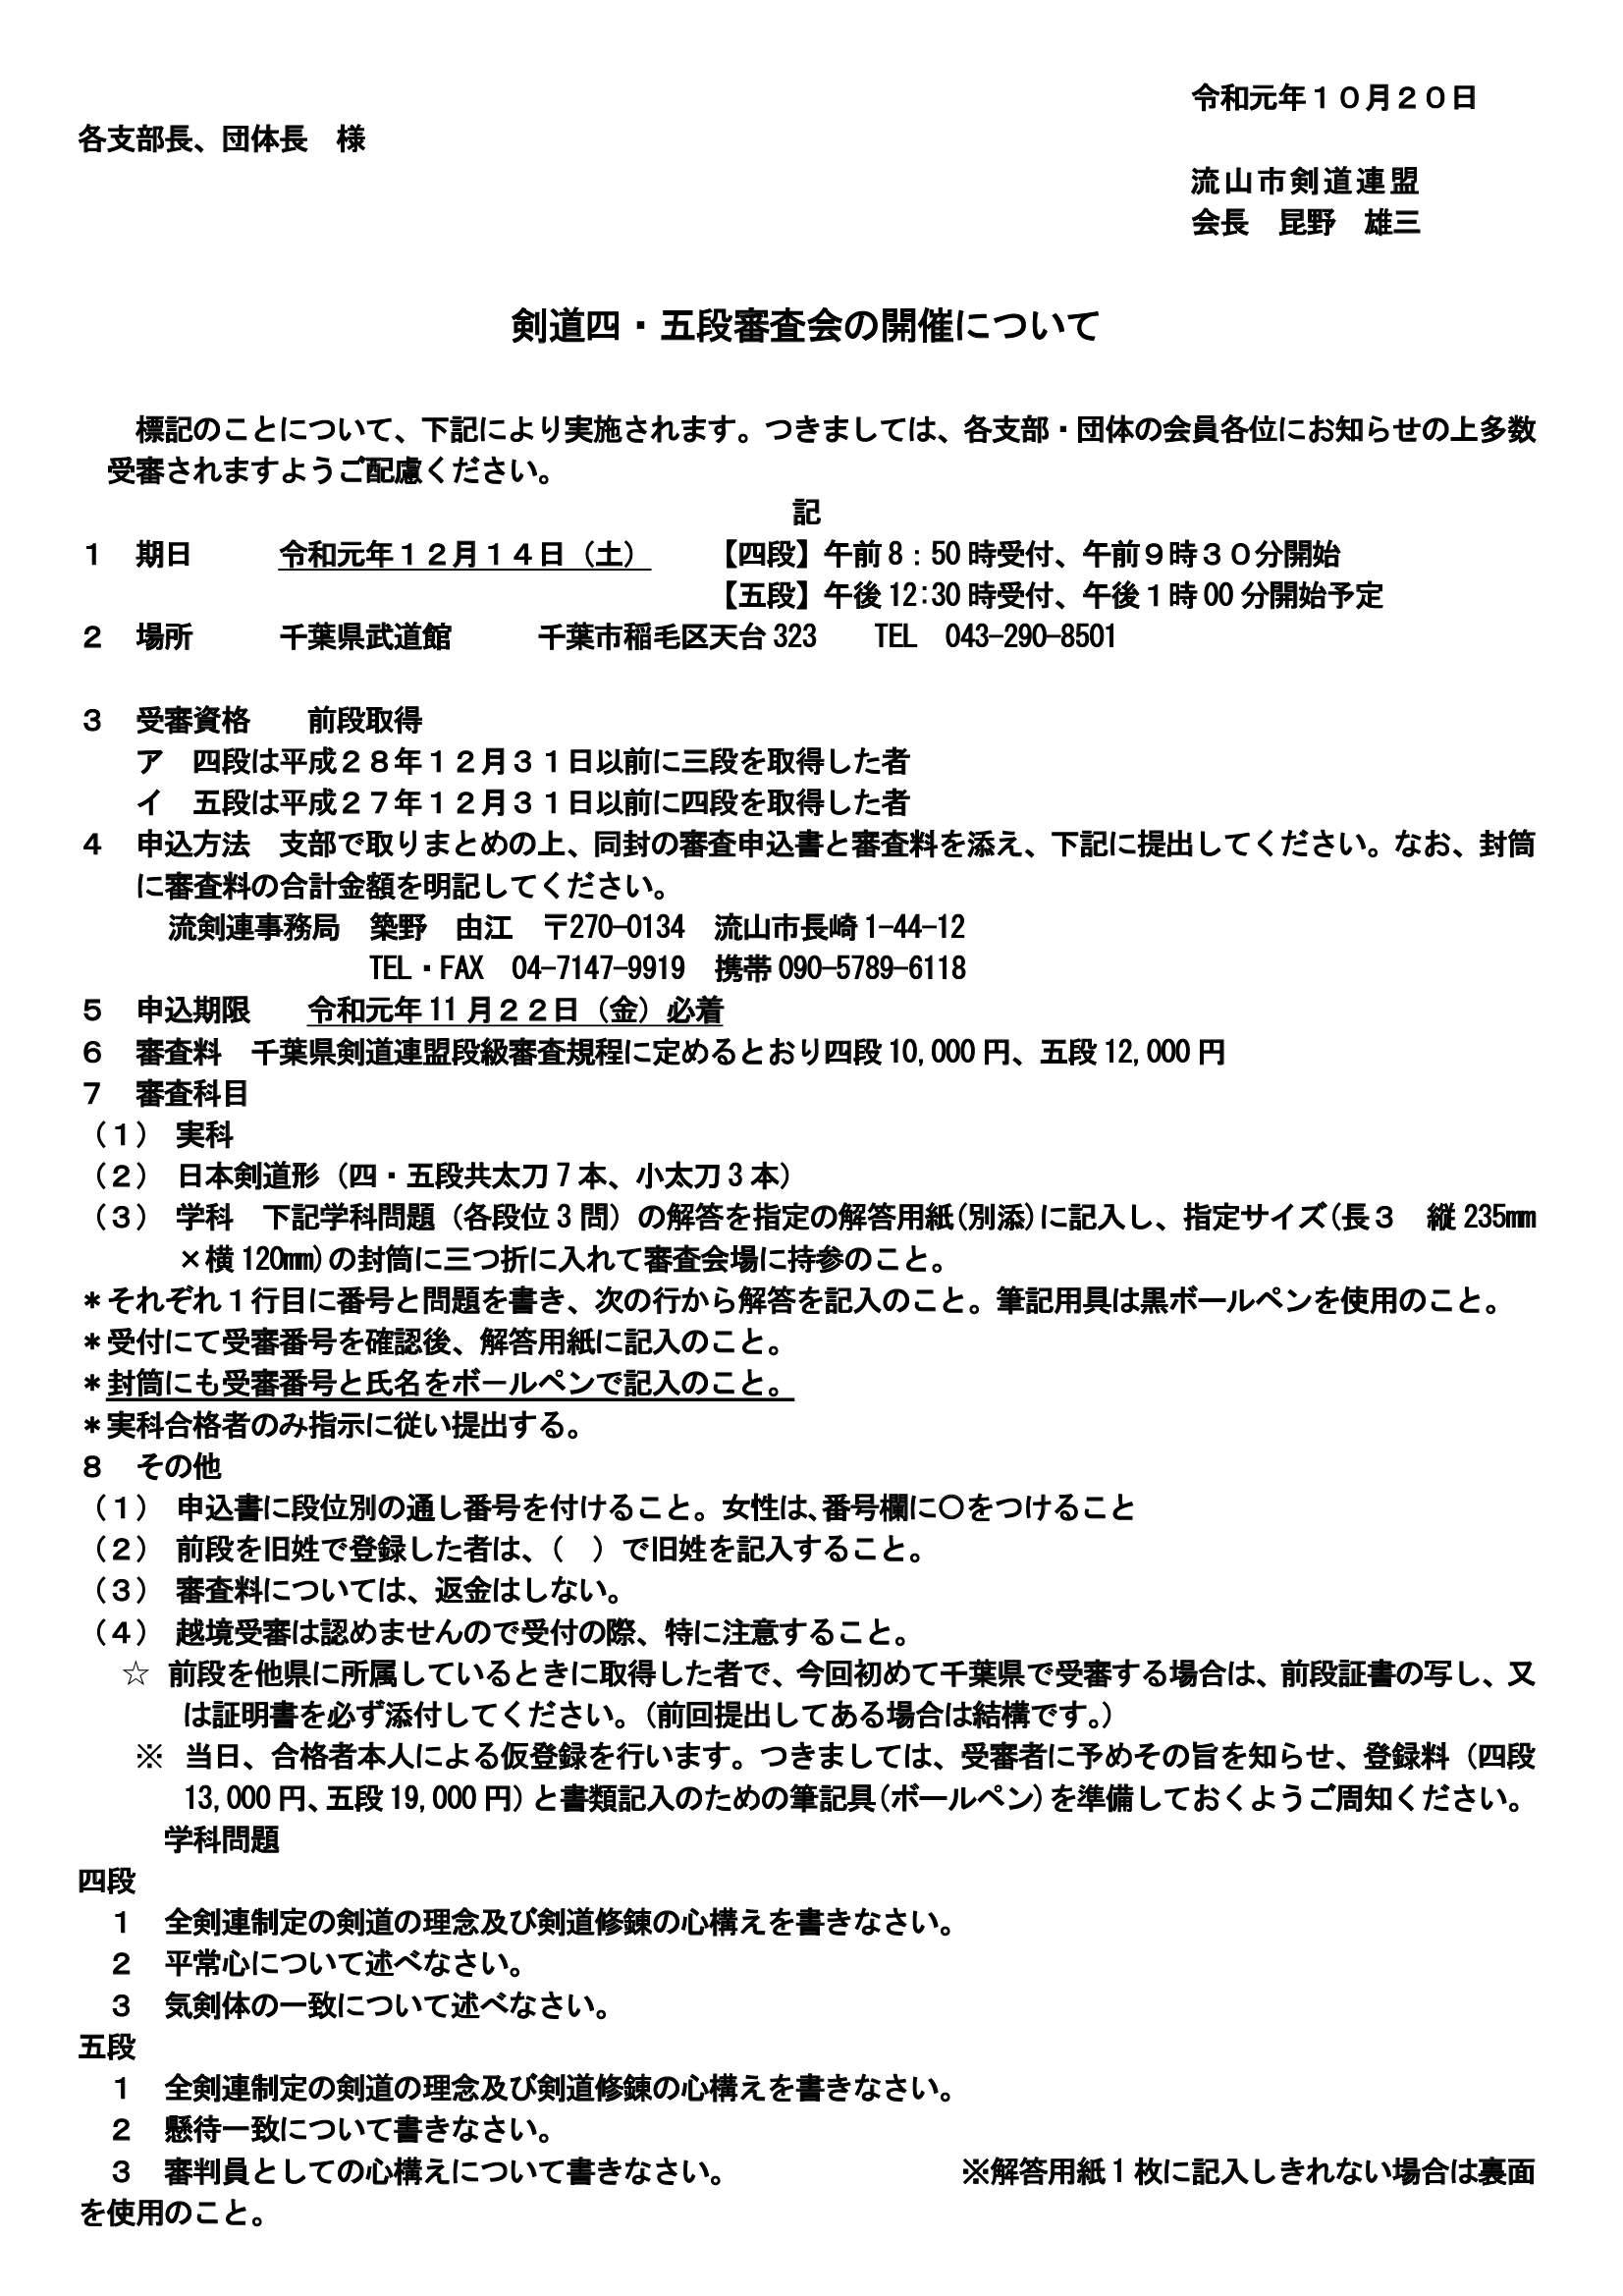 R1.10.20四五段審査会の開催について_0001